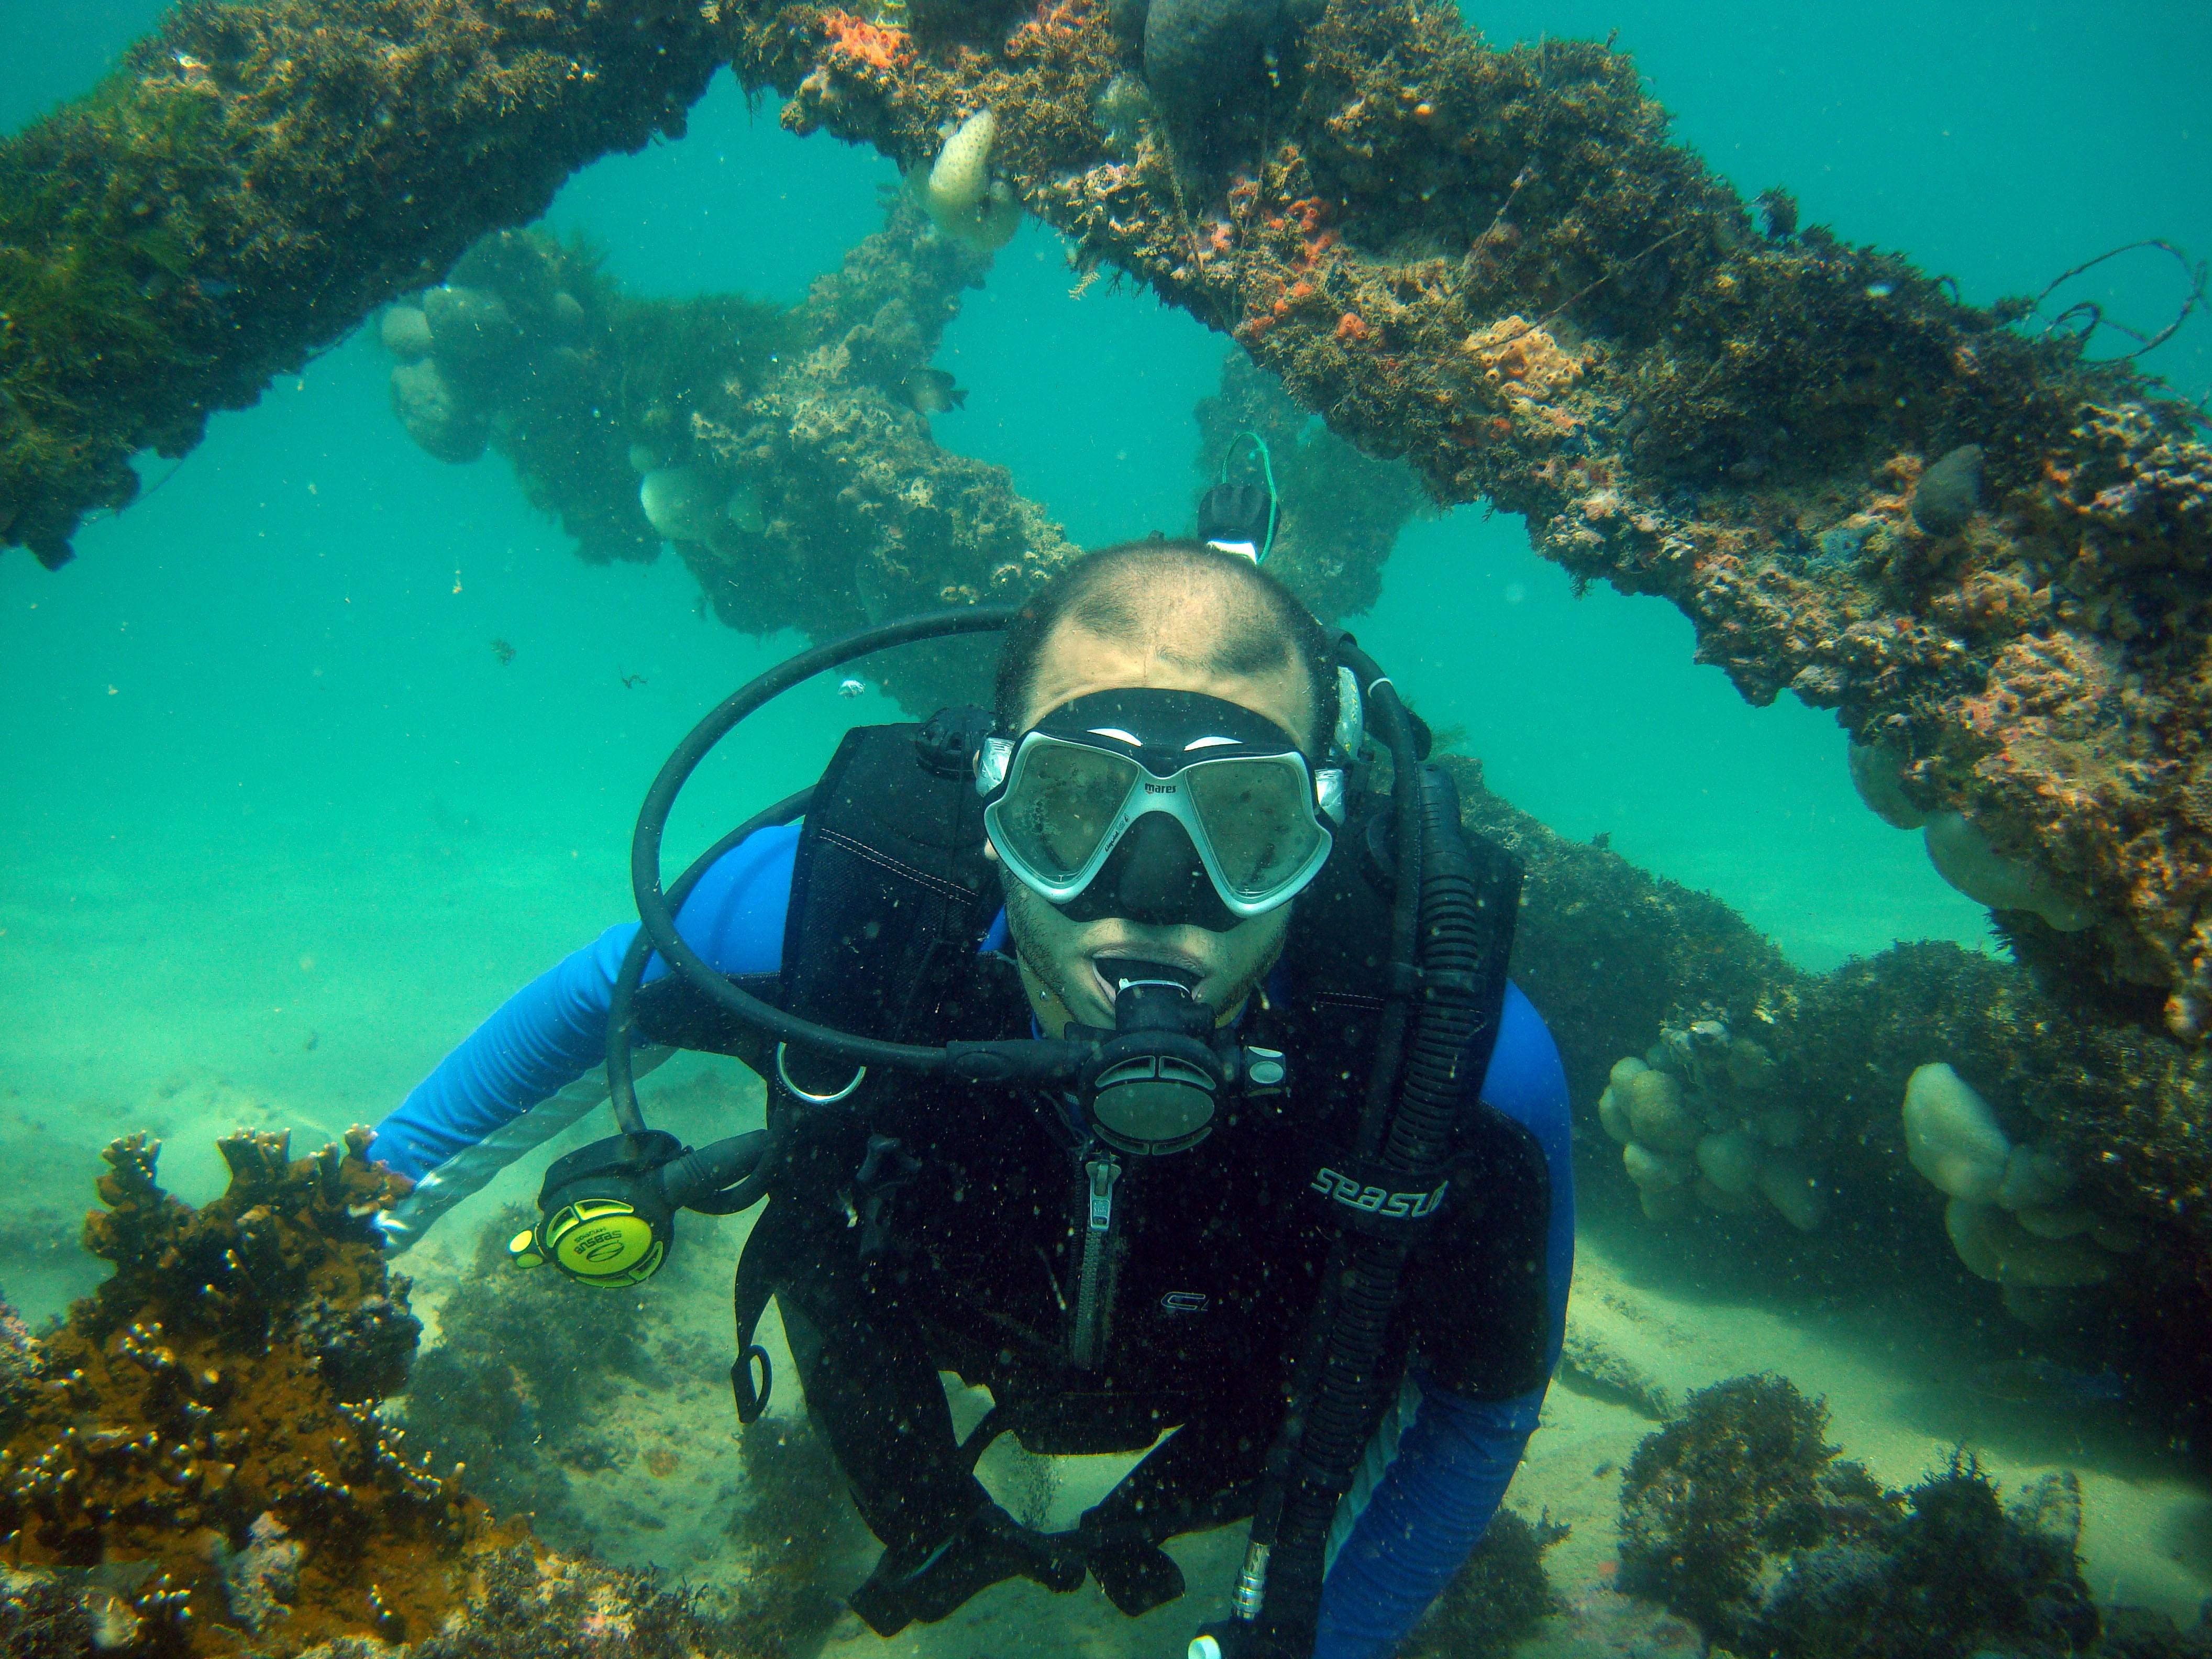 Mergulho entre restos de um dos navios que afundaram perto da praia: atração do parque marinho